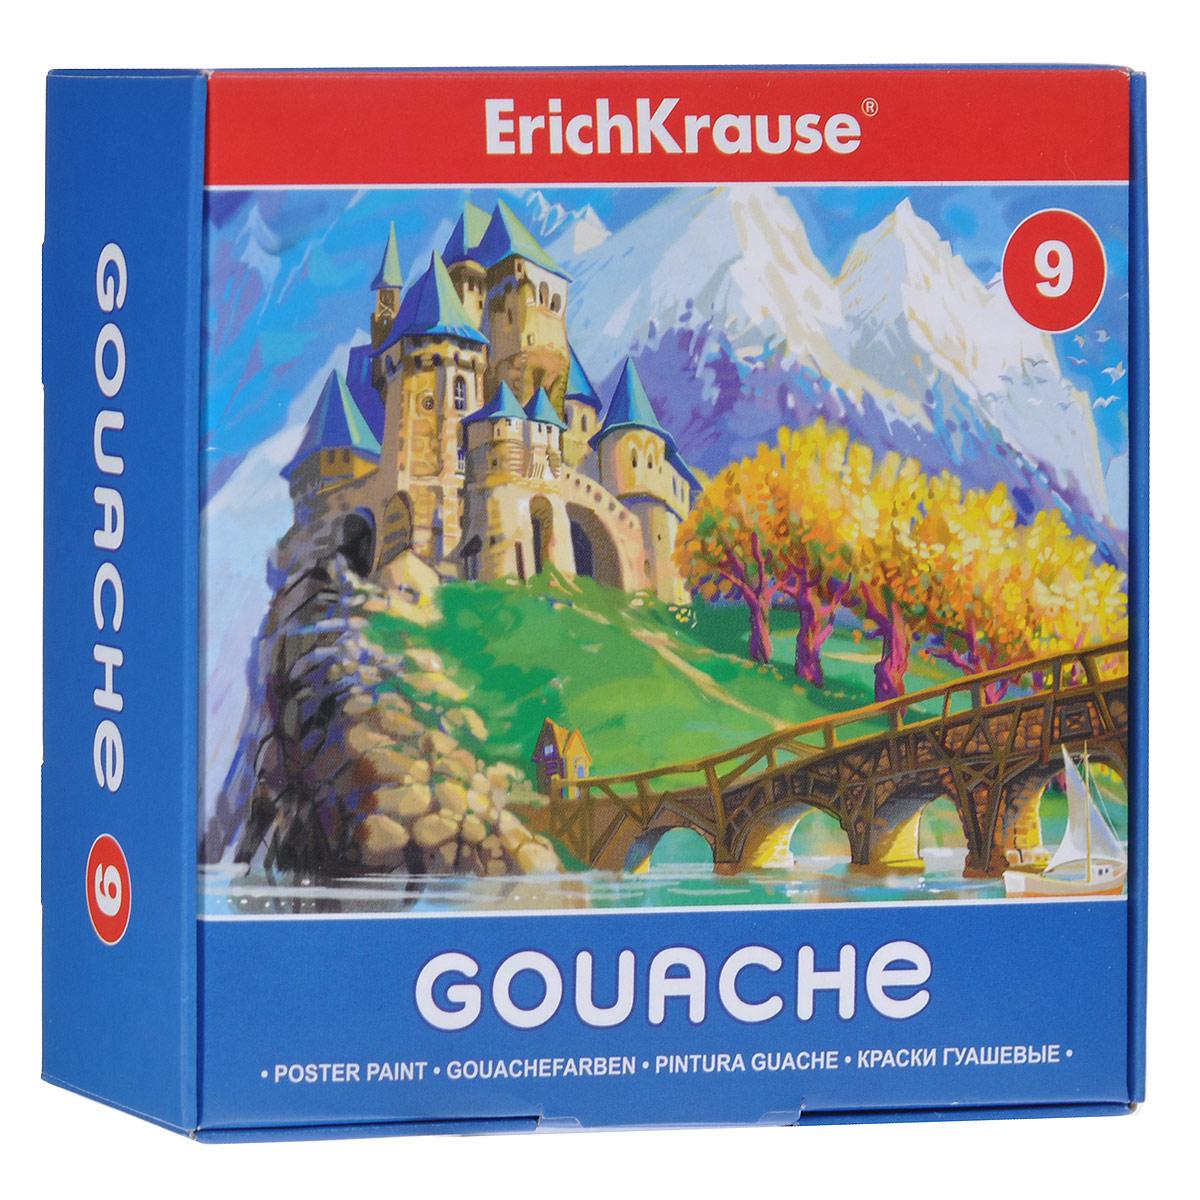 Гуашь Erich Krause, 9 цветов35159Гуашь Erich Krause предназначена для декоративно-оформительских работ и творчества детей. В набор входят краски девяти цветов: белого, зеленого, оранжевого, красного, синего, коричневого, желтого, черного и лилового. Они легко наносятся на бумагу, картон и грунтованный холст. При высыхании приобретают матовую, бархатистую поверхность.